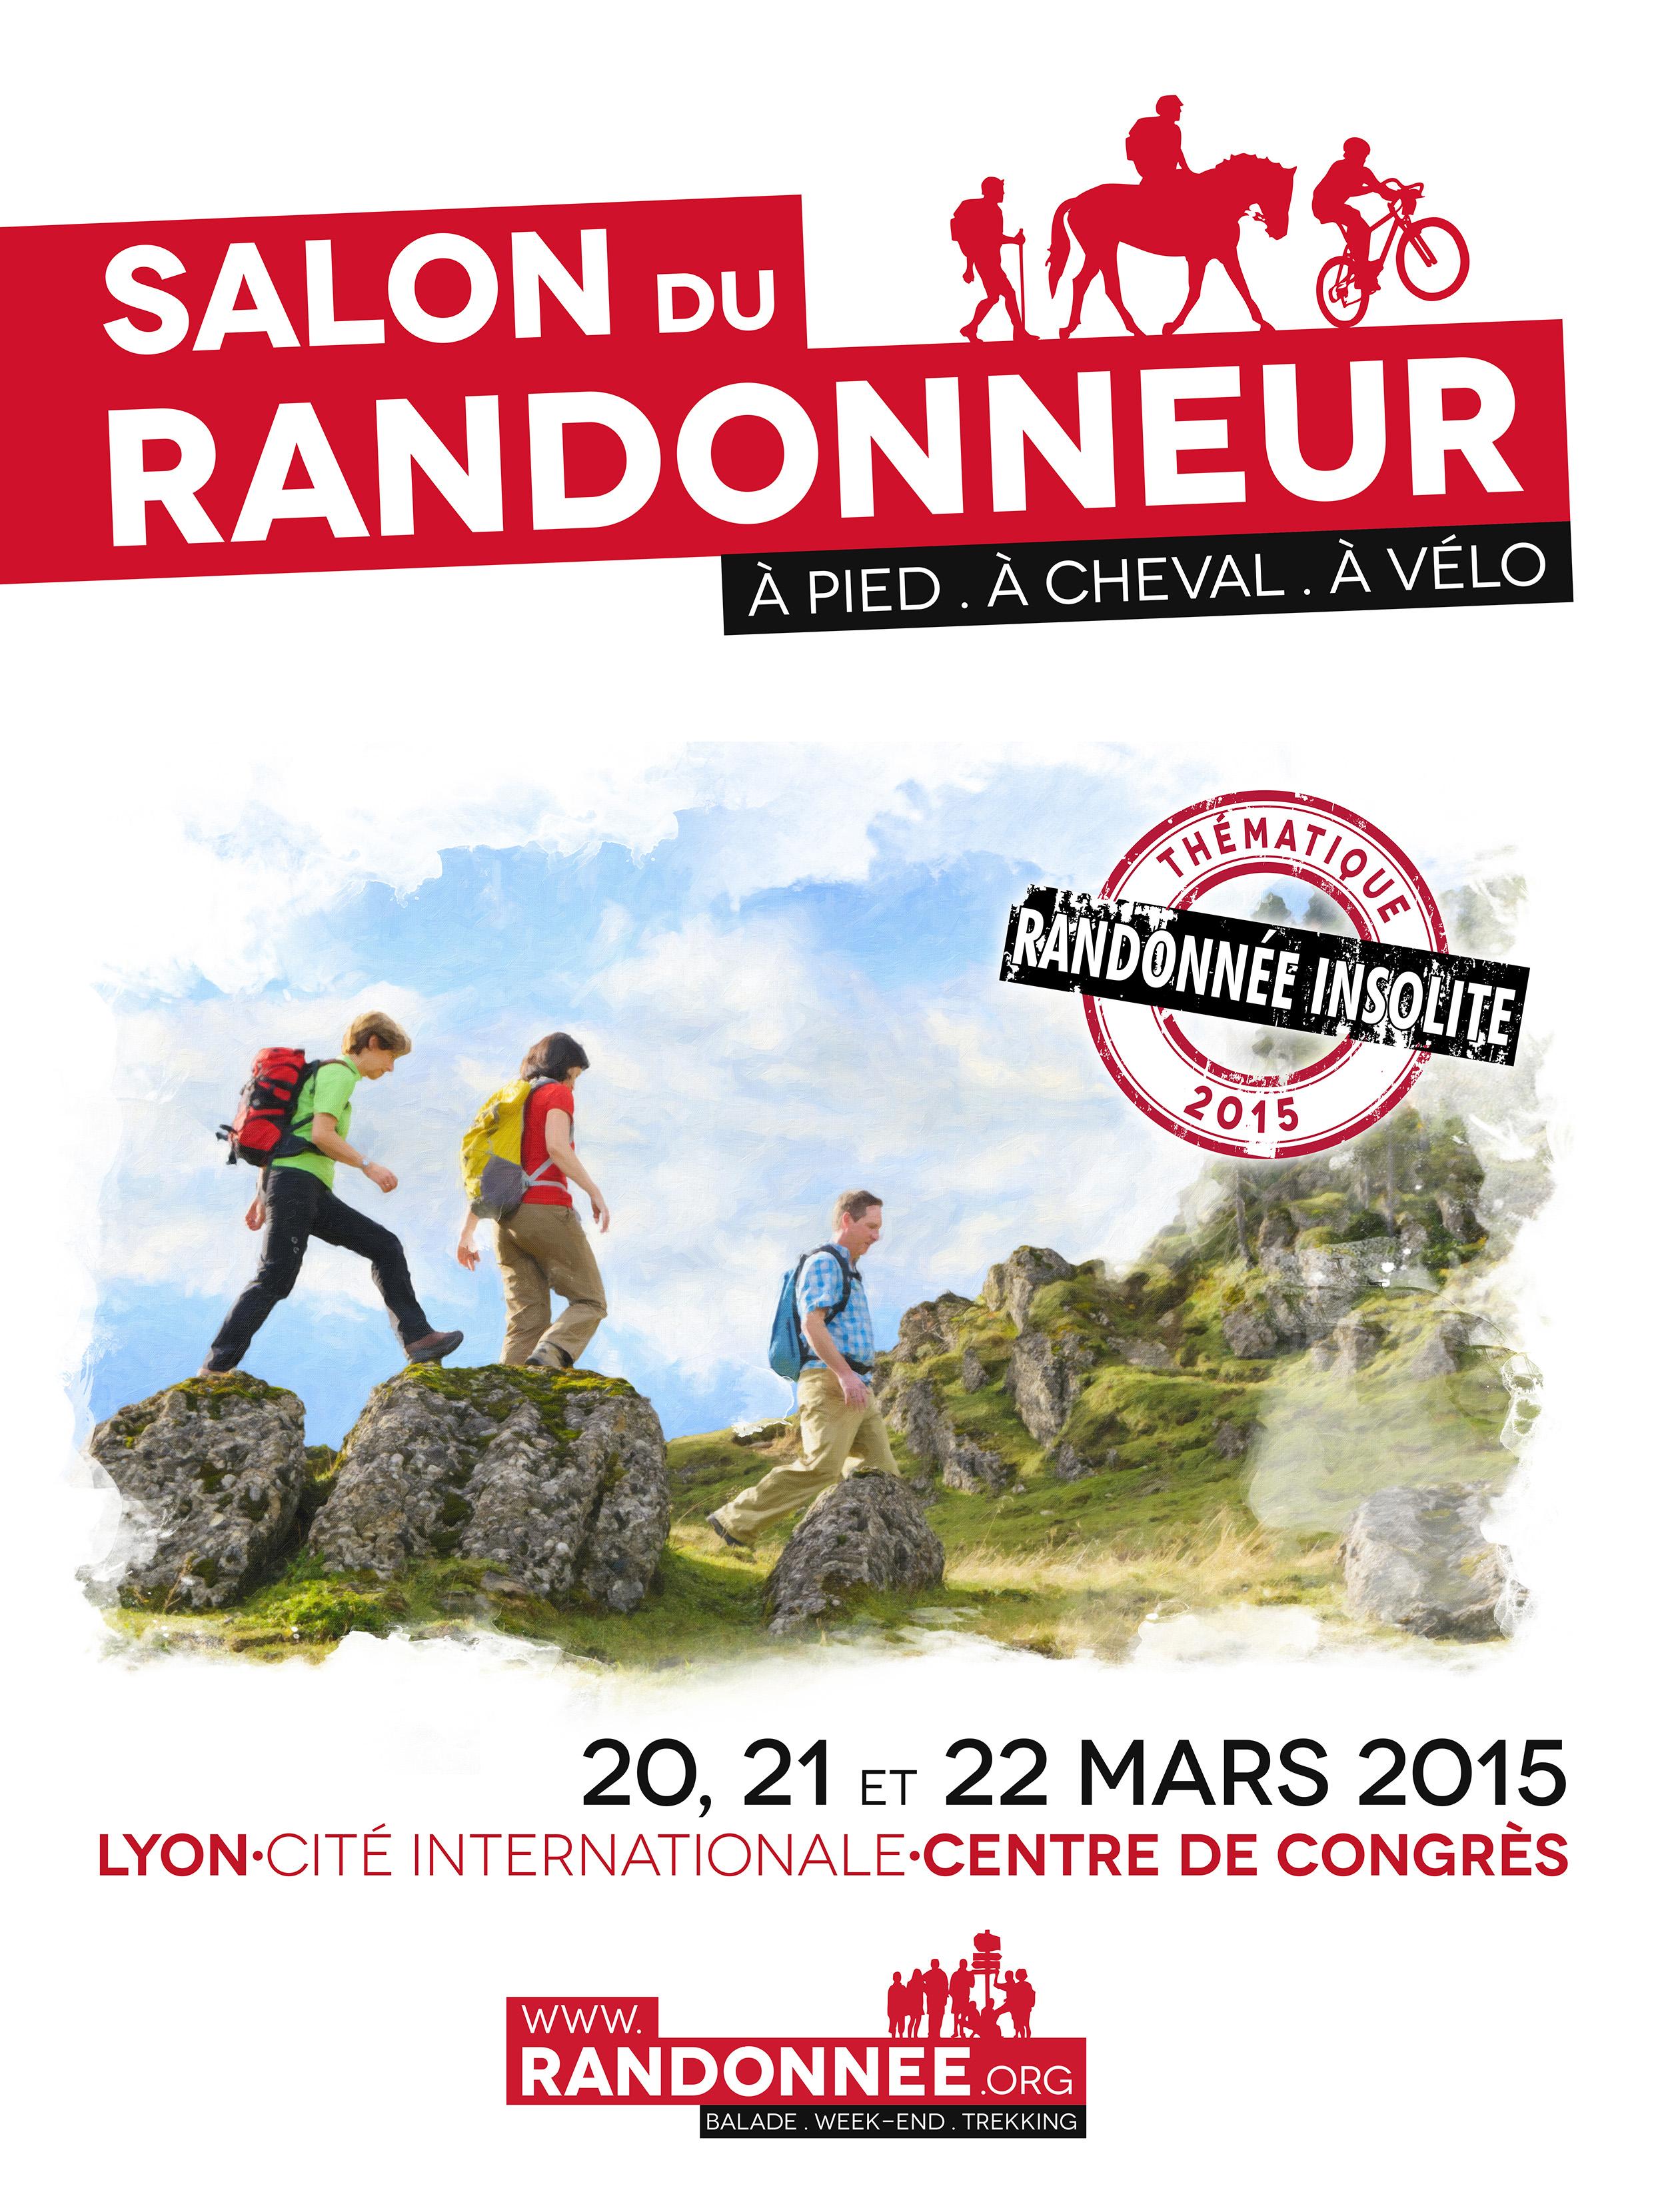 Salon du randonneur de lyon la guadeloupe oublie sa for Salon du jardin 2015 guadeloupe